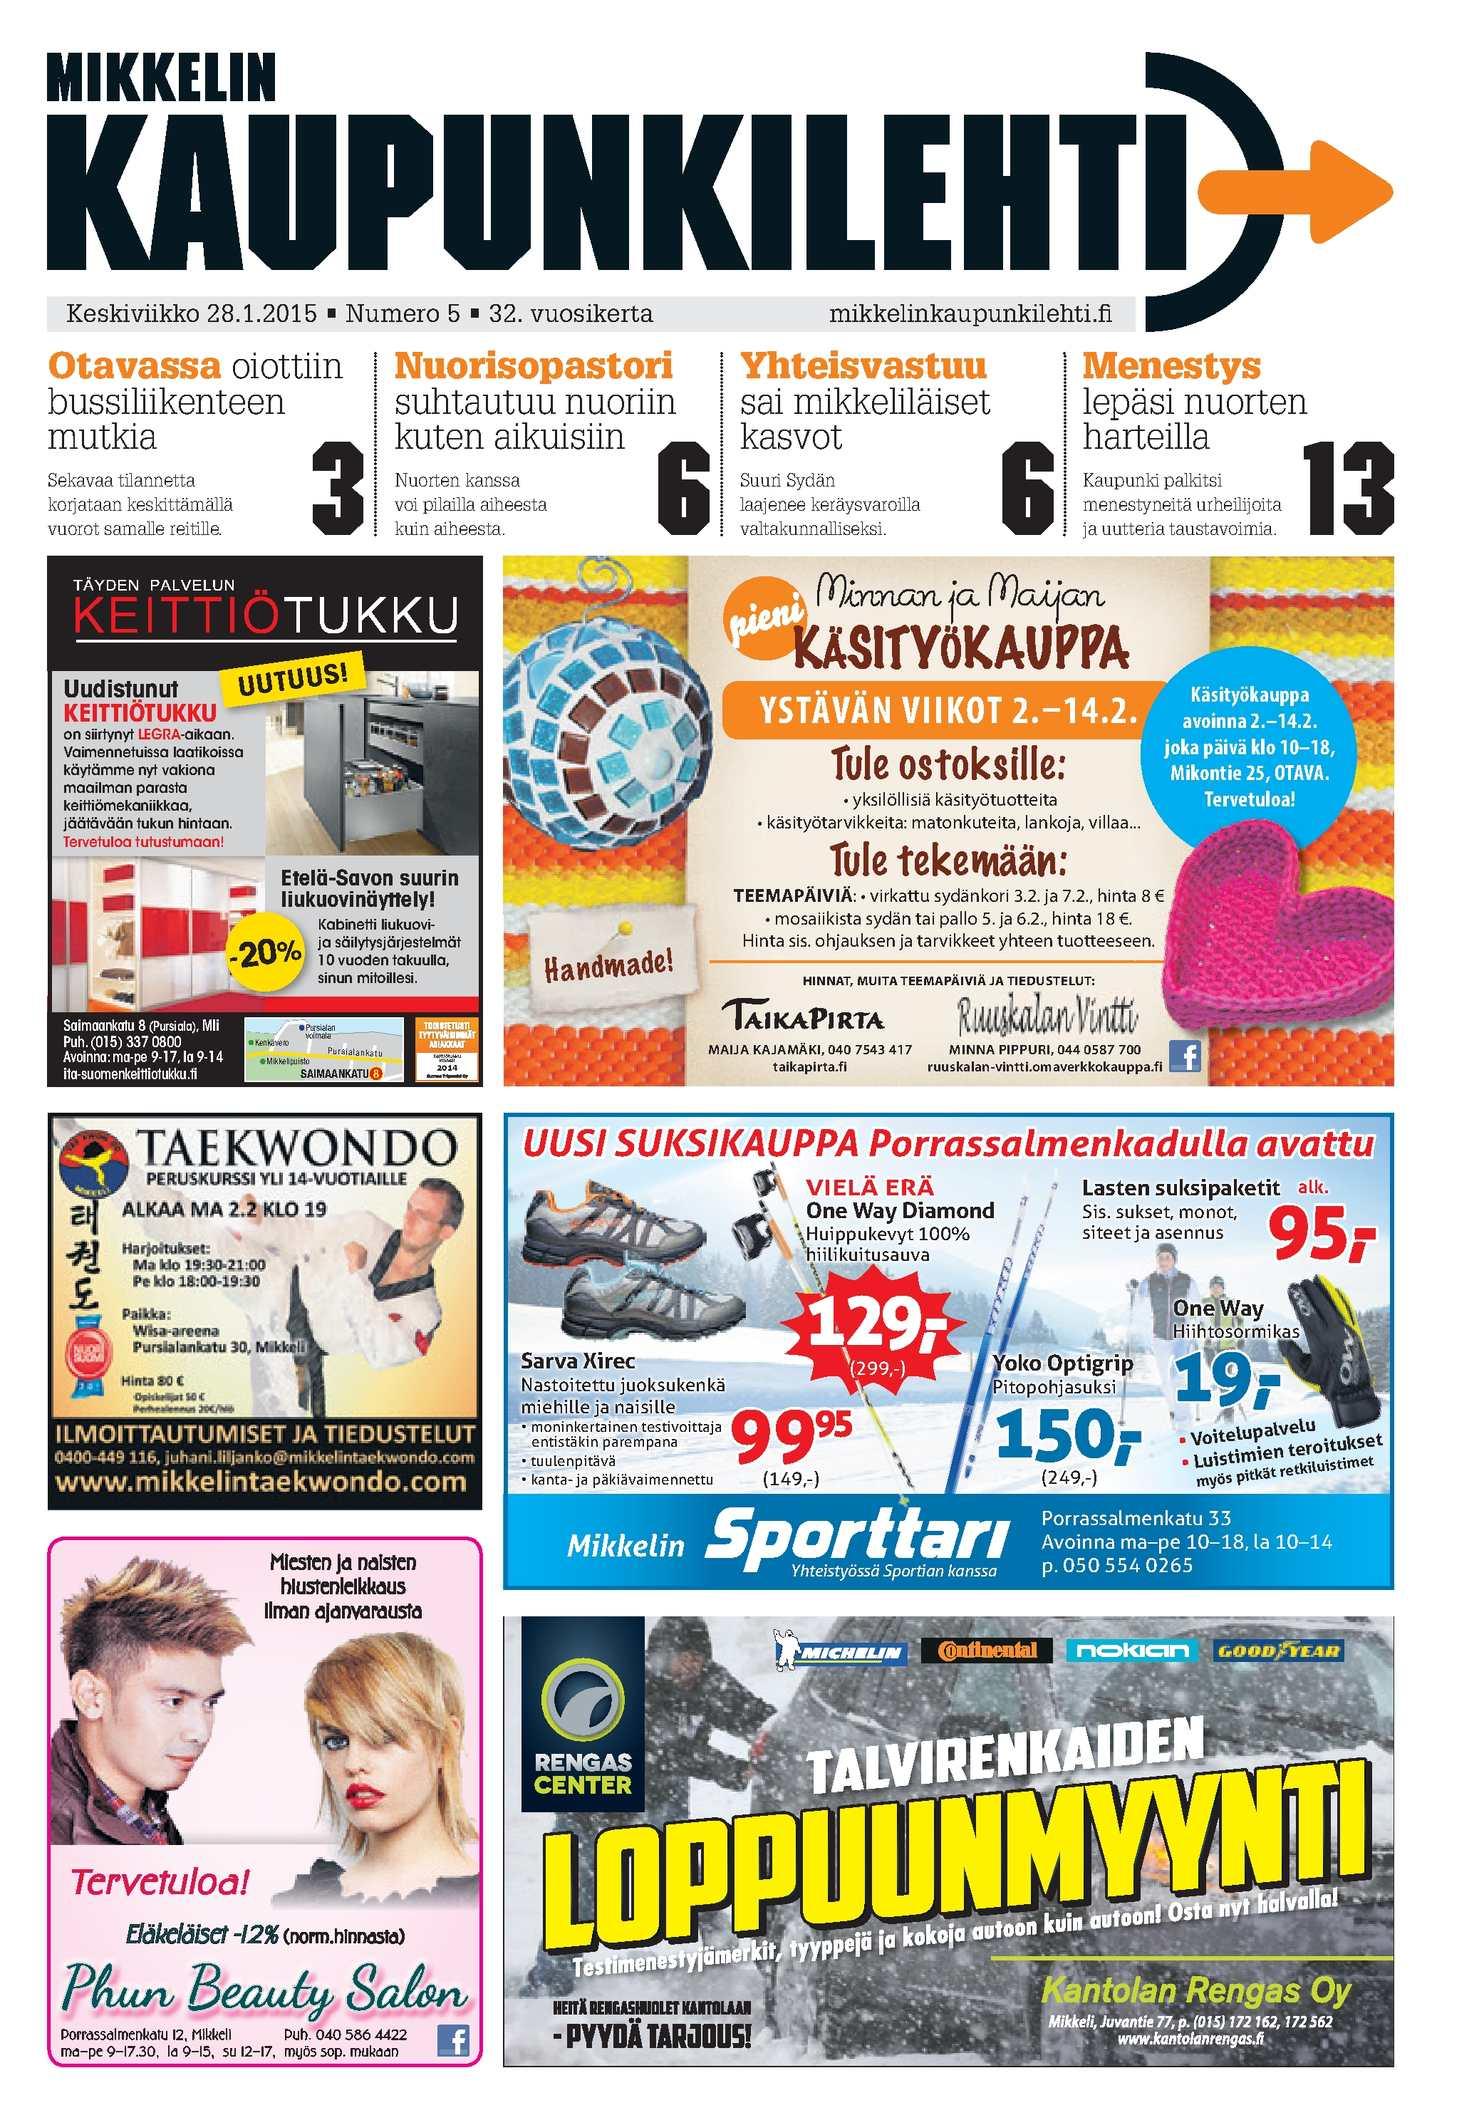 Calaméo - Mikkelin Kaupunkilehti 5 2015 5e2045cd24